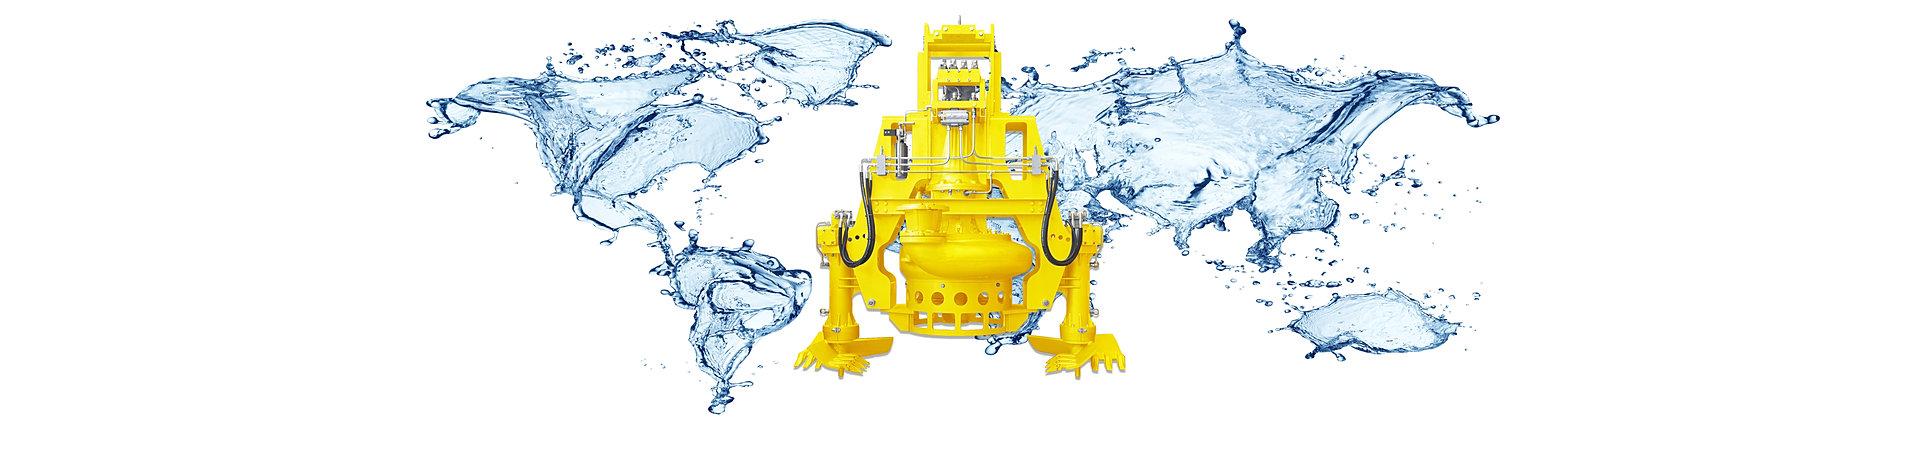 Dewatering Pumps Power Air Rental